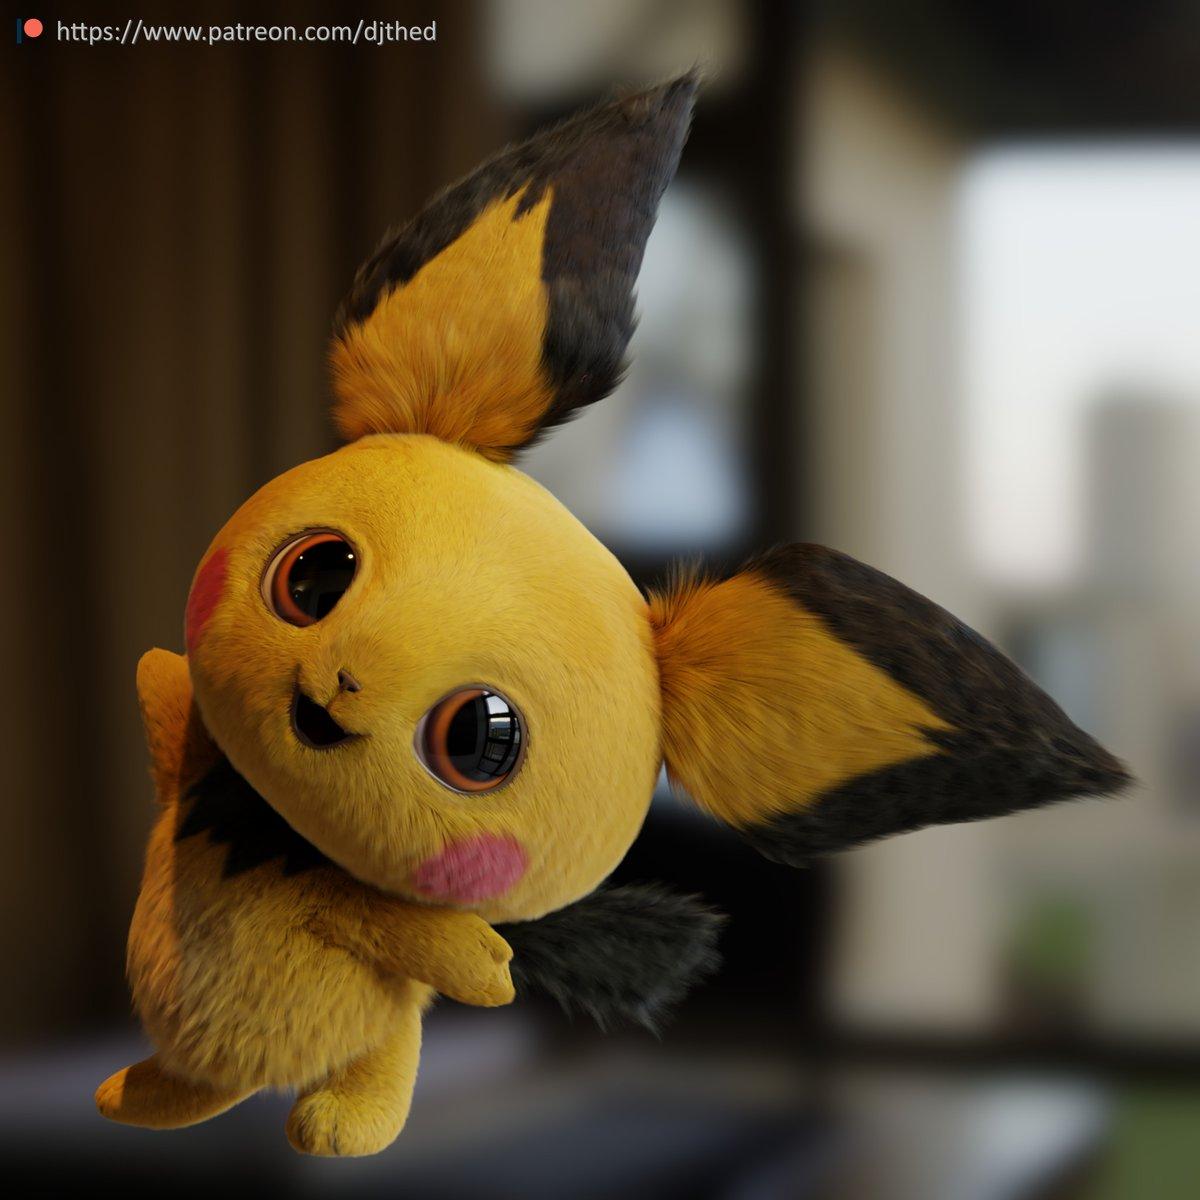 Pokémon Detetive Pikachu | Fã cria versão de Pichu em live-action